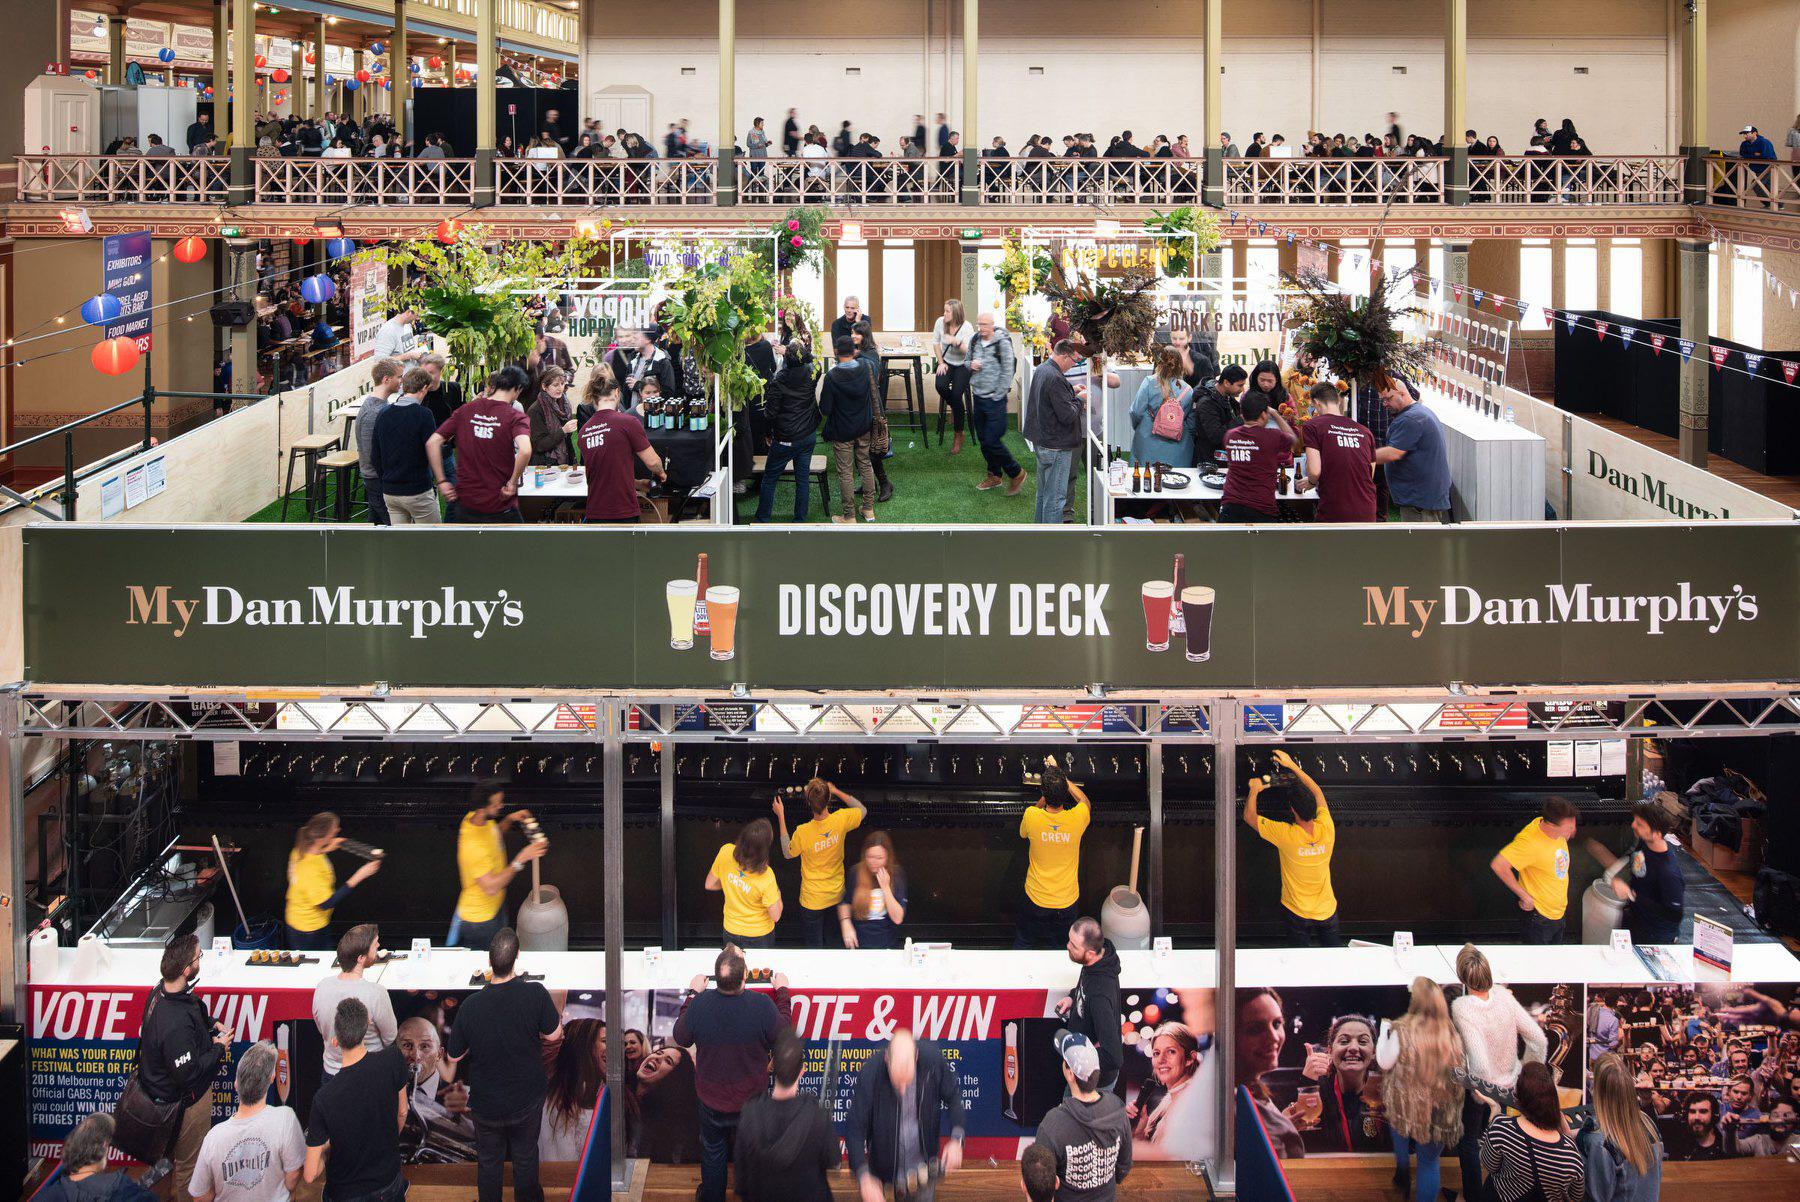 Willett Dan Murphy's Great Australasian Beer SpecTAPulara